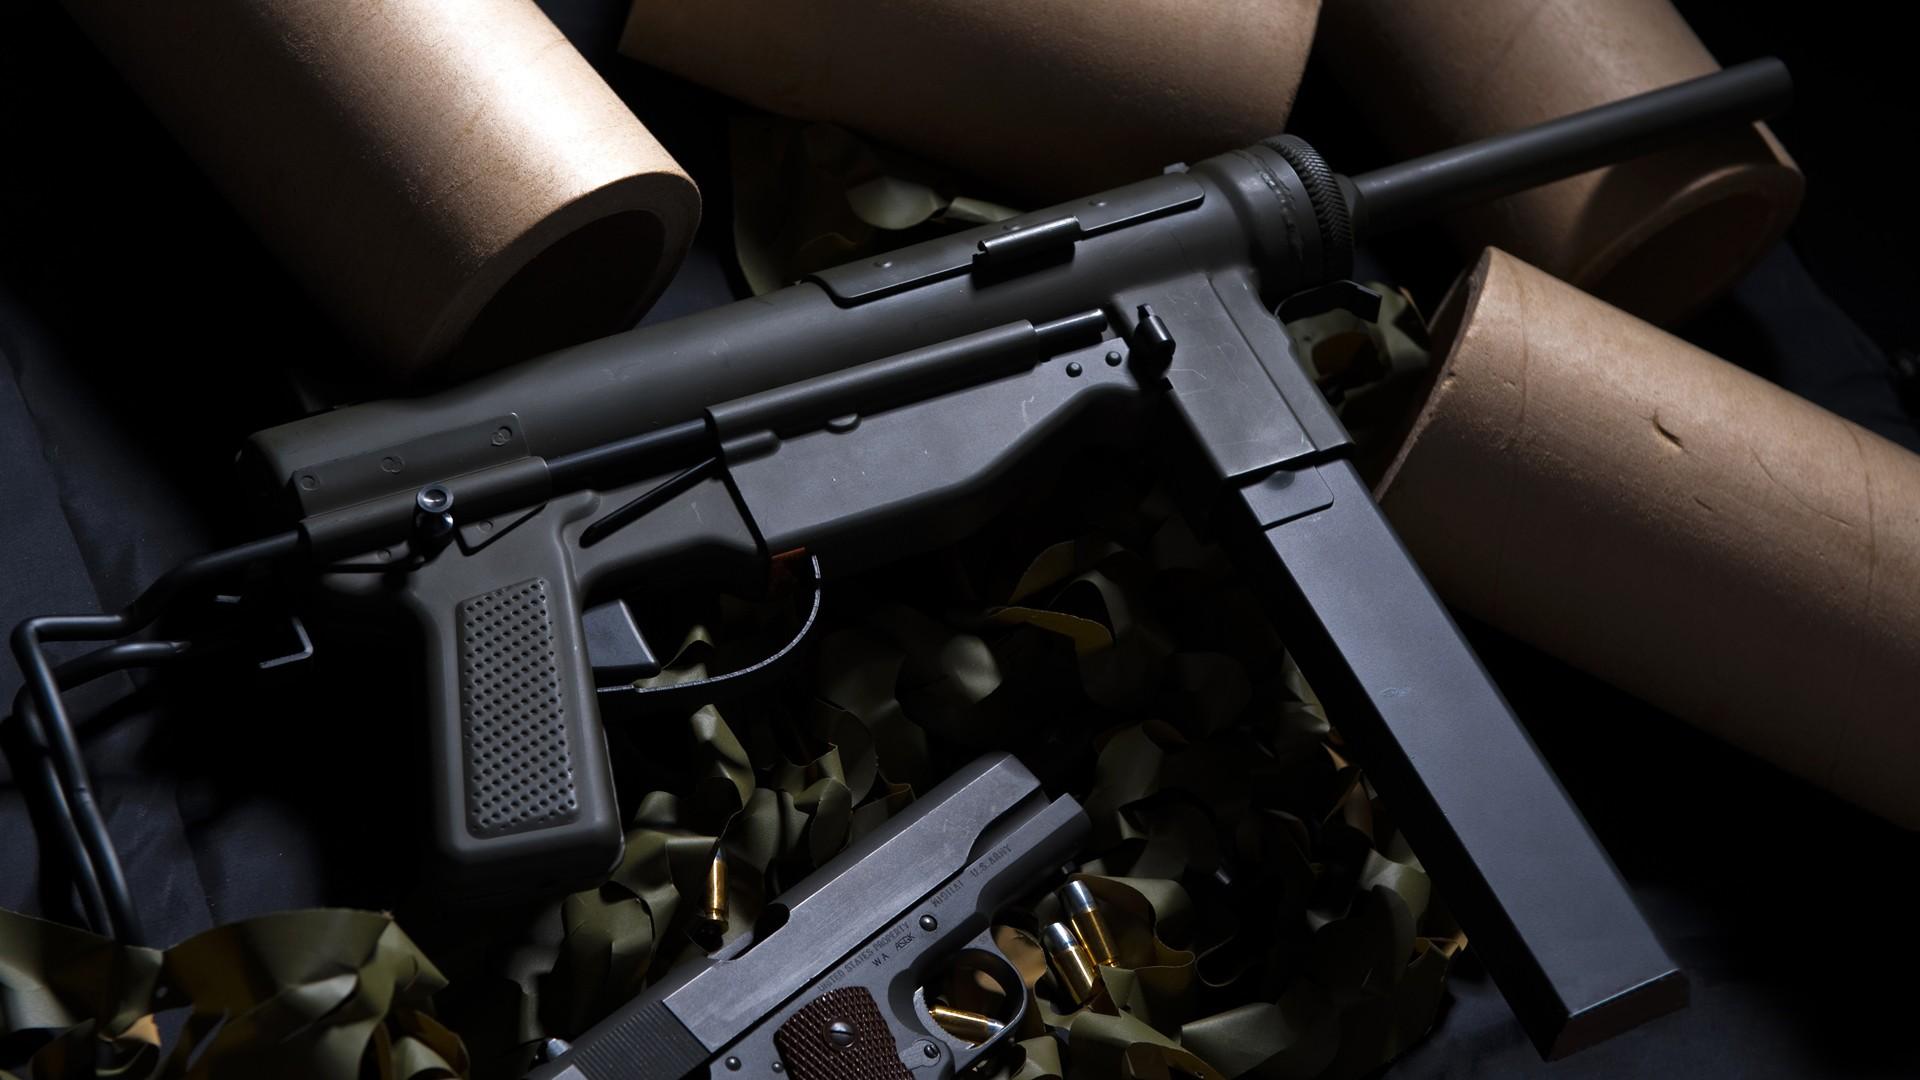 gun wallpapers cool stalker rifles wallpaper images 1920x1080